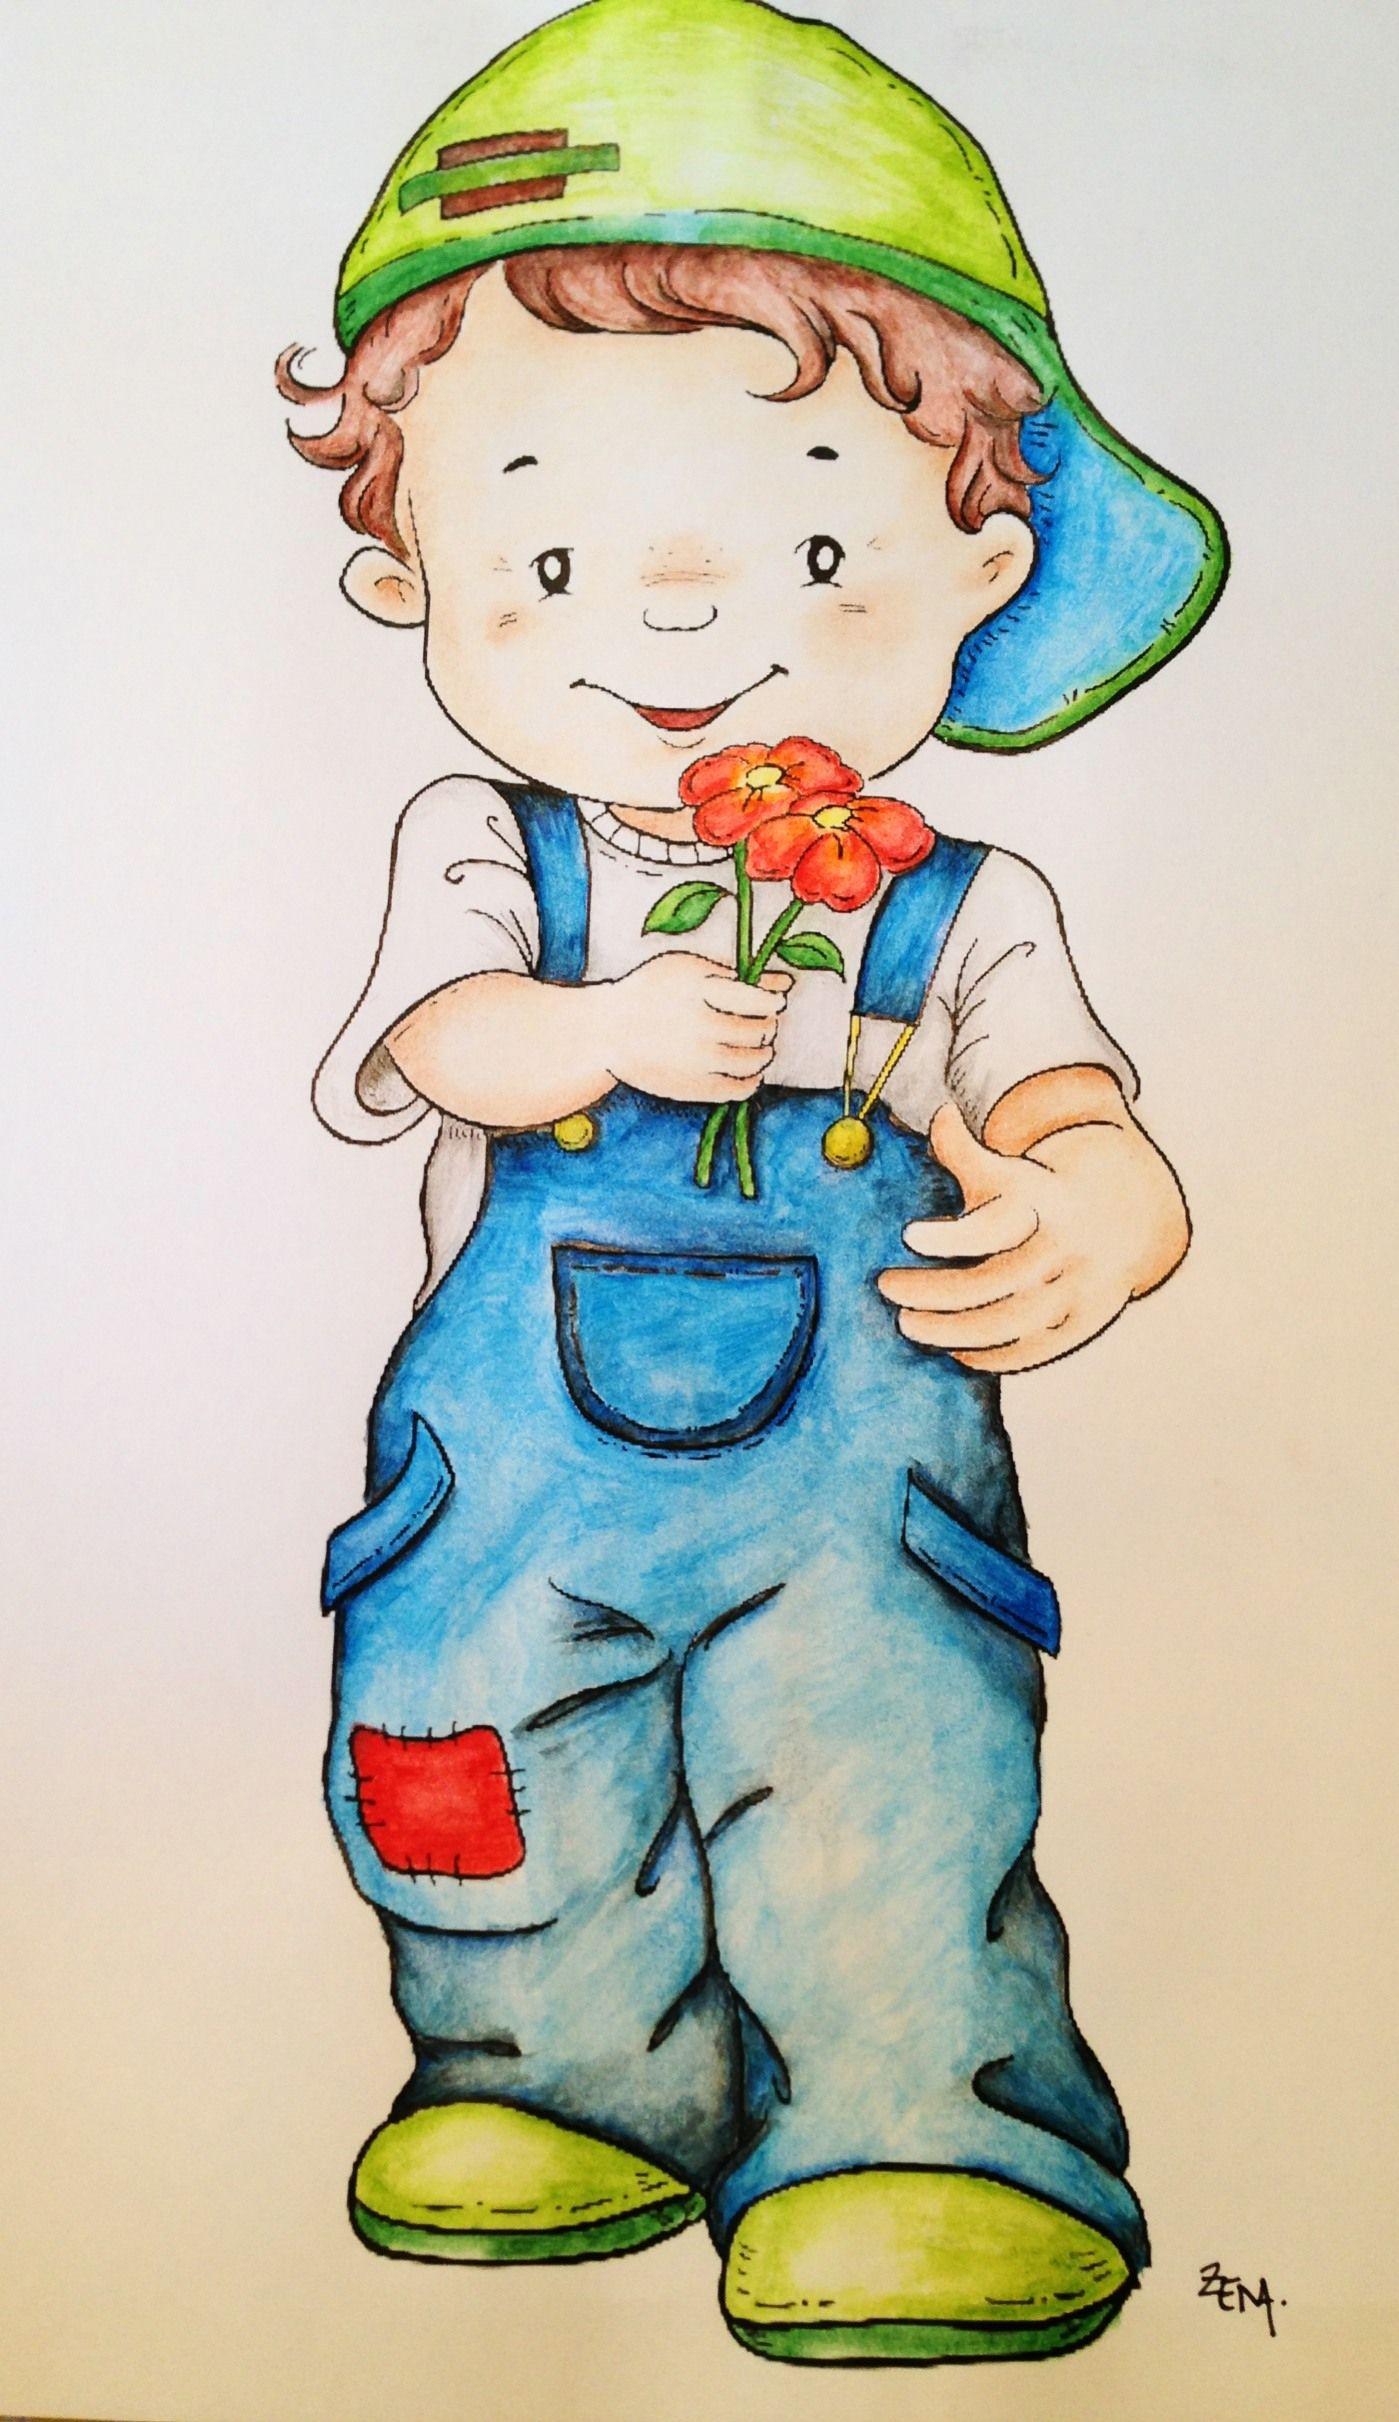 Которой, мальчик смешные картинки нарисованные